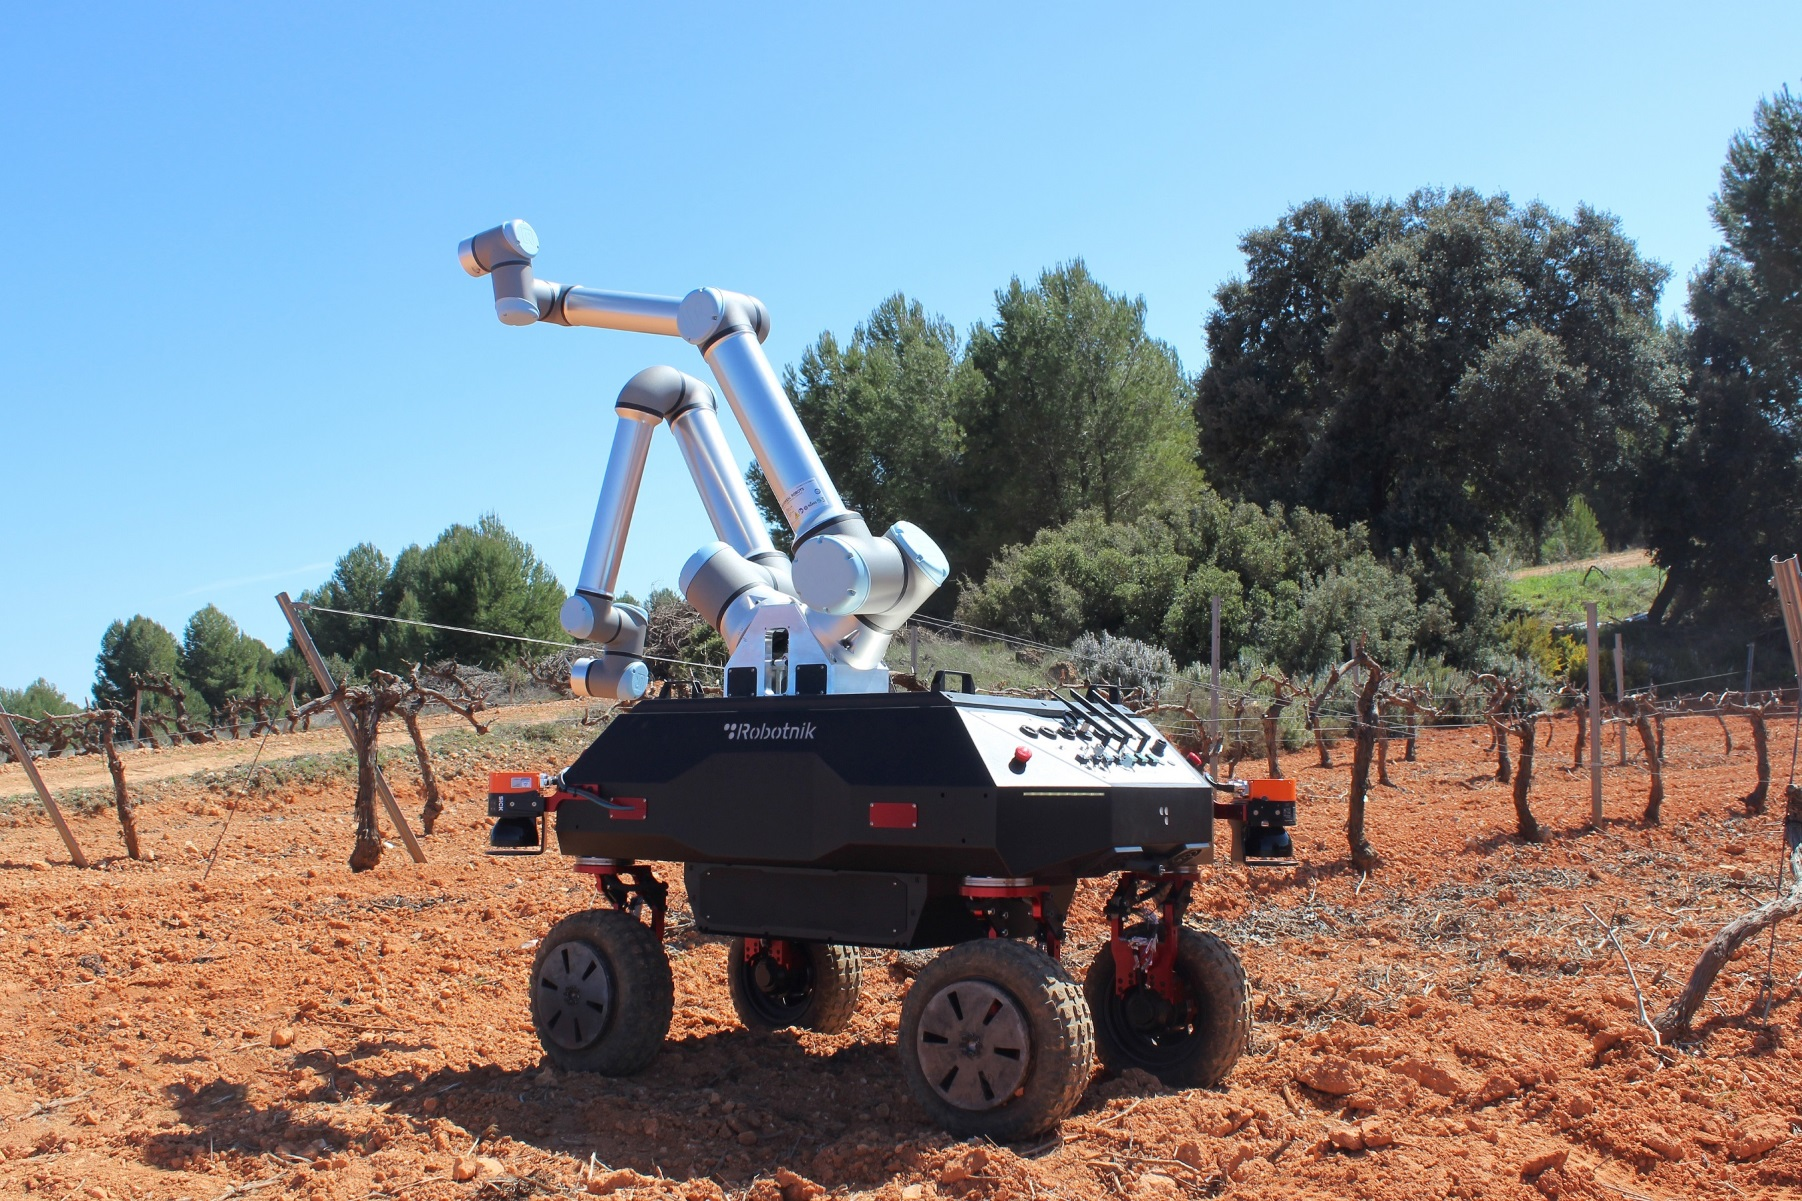 Θεσσαλονίκη: Ρομπότ θα «πατάει» για πρώτη φορά σταφύλια αμπελώνα (pics)